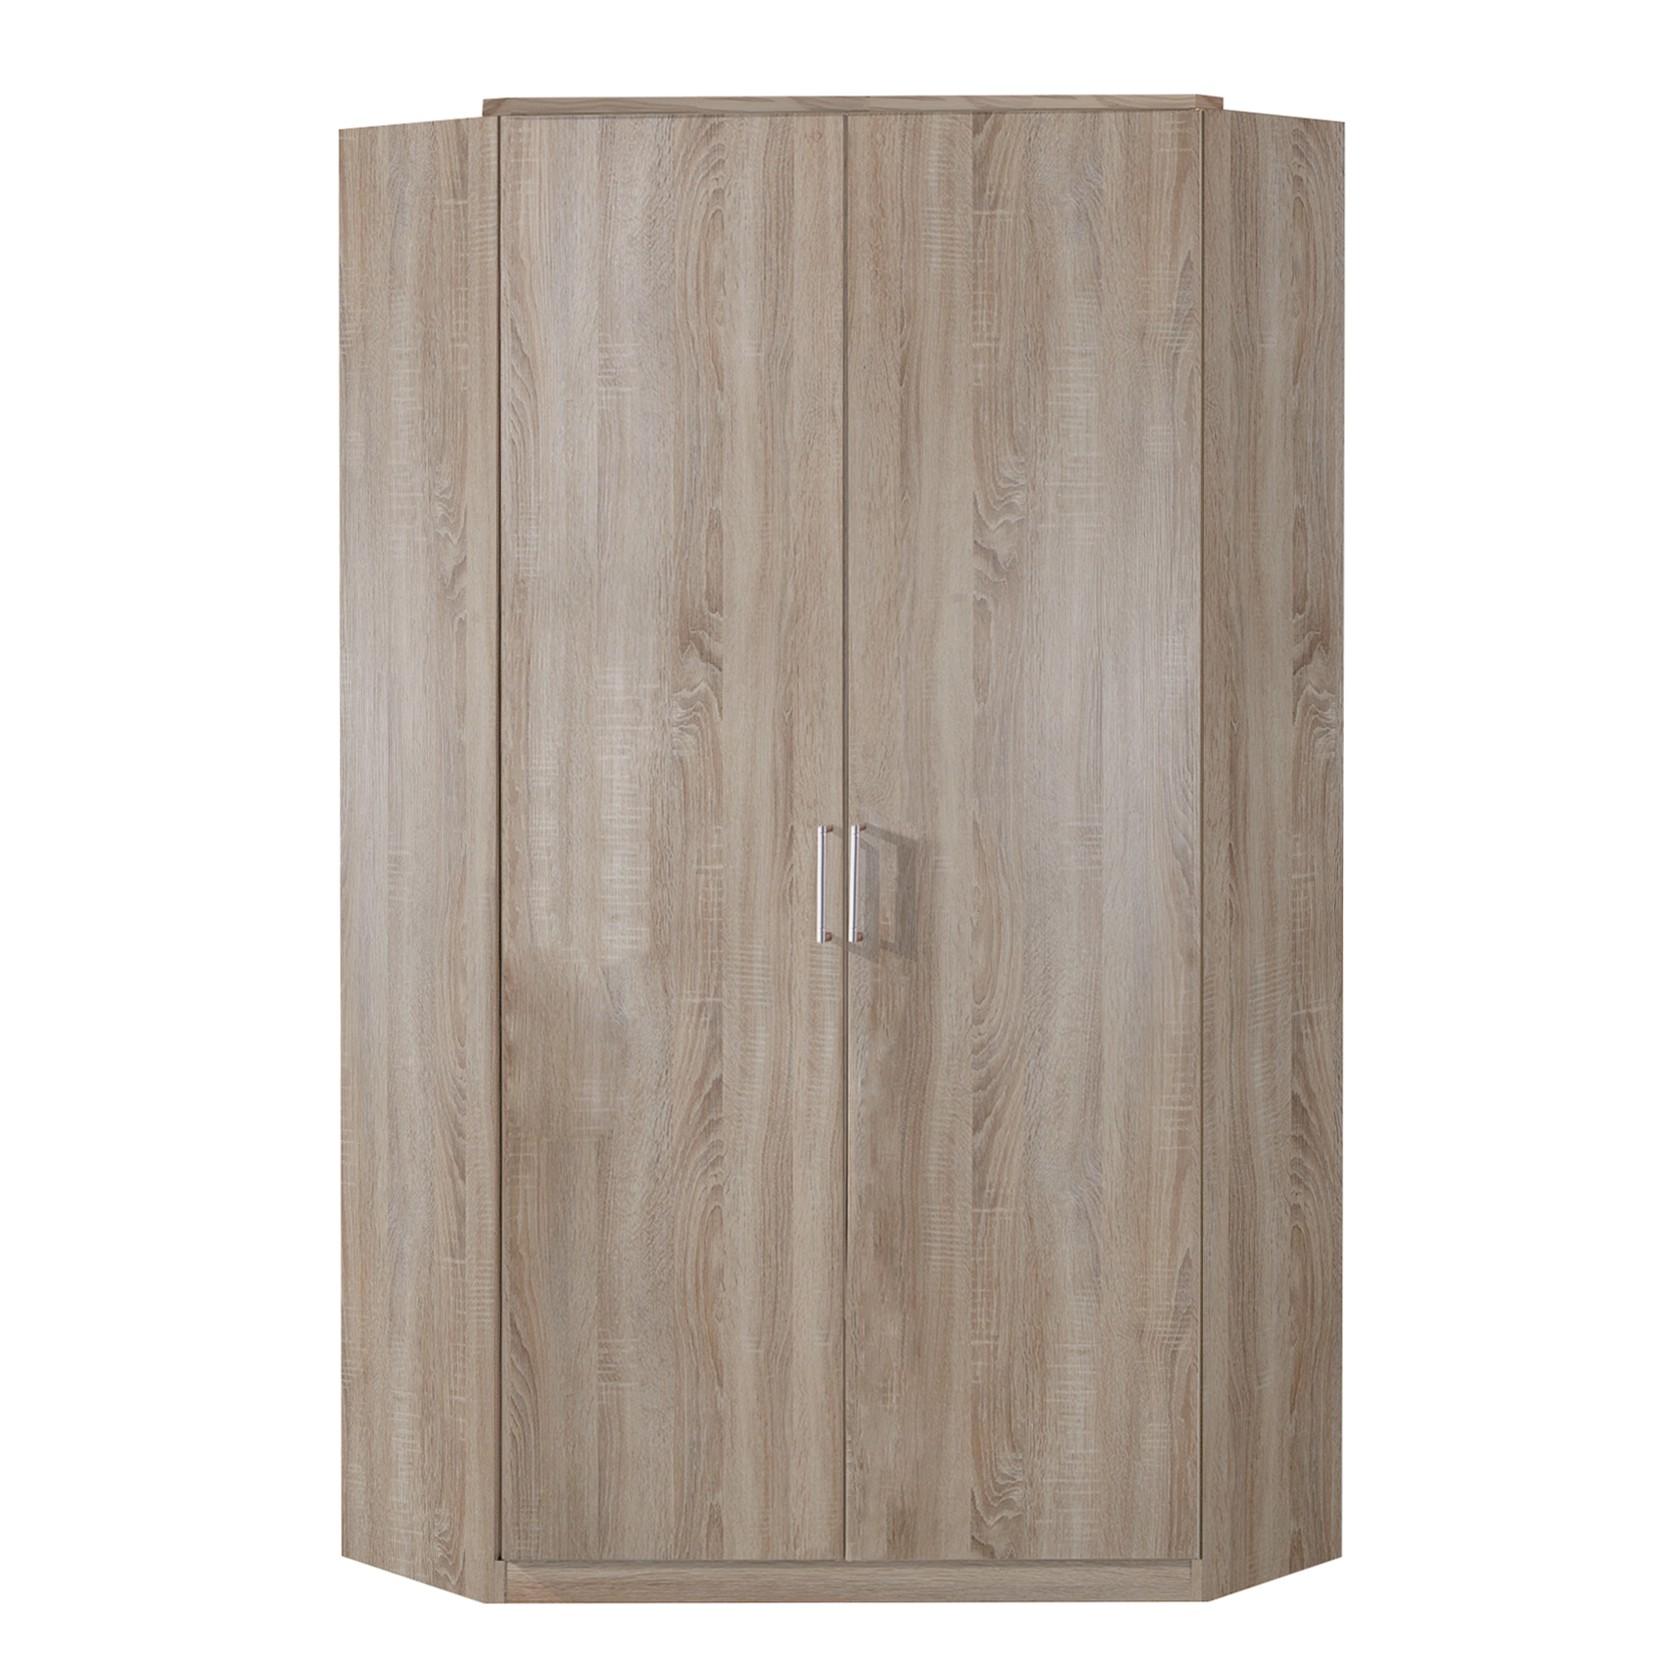 Eckkleiderschrank weiß mit spiegel  Eckkleiderschränke | Eckschränke fürs Schlafzimmer | Home24